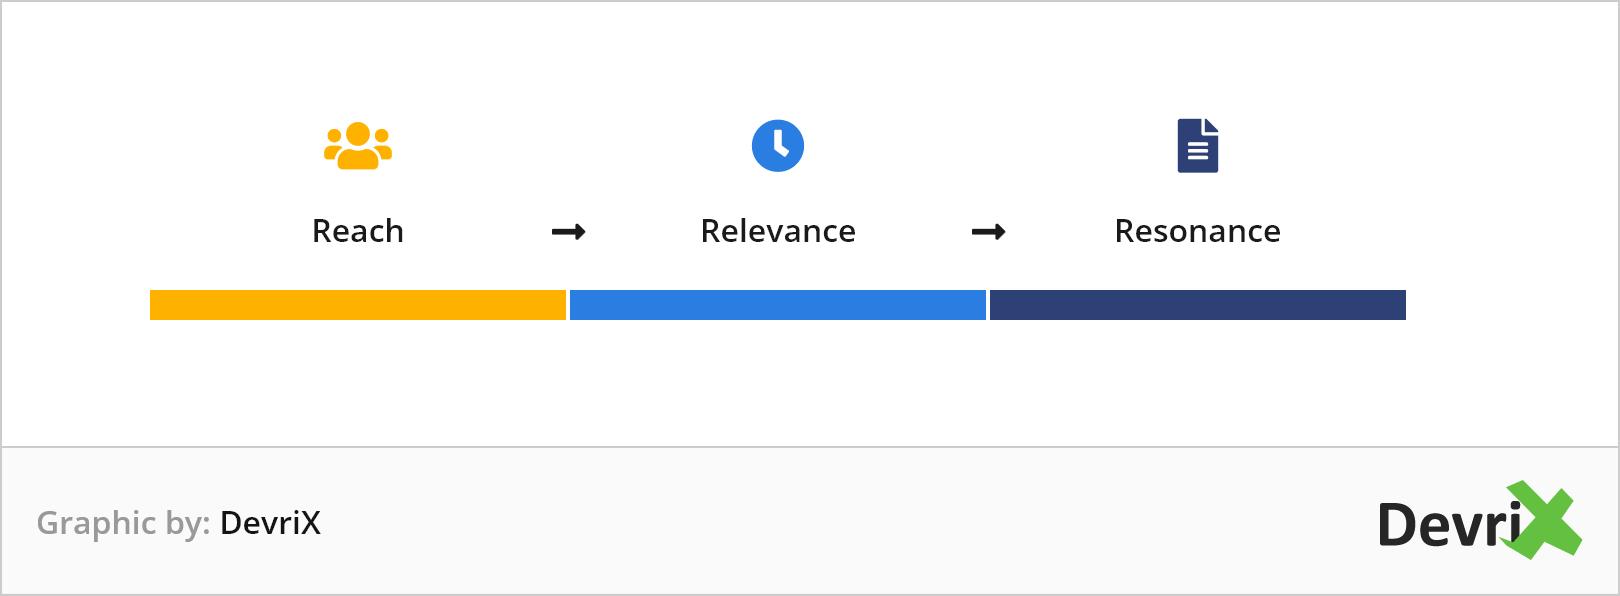 Reach-relevance-resonance